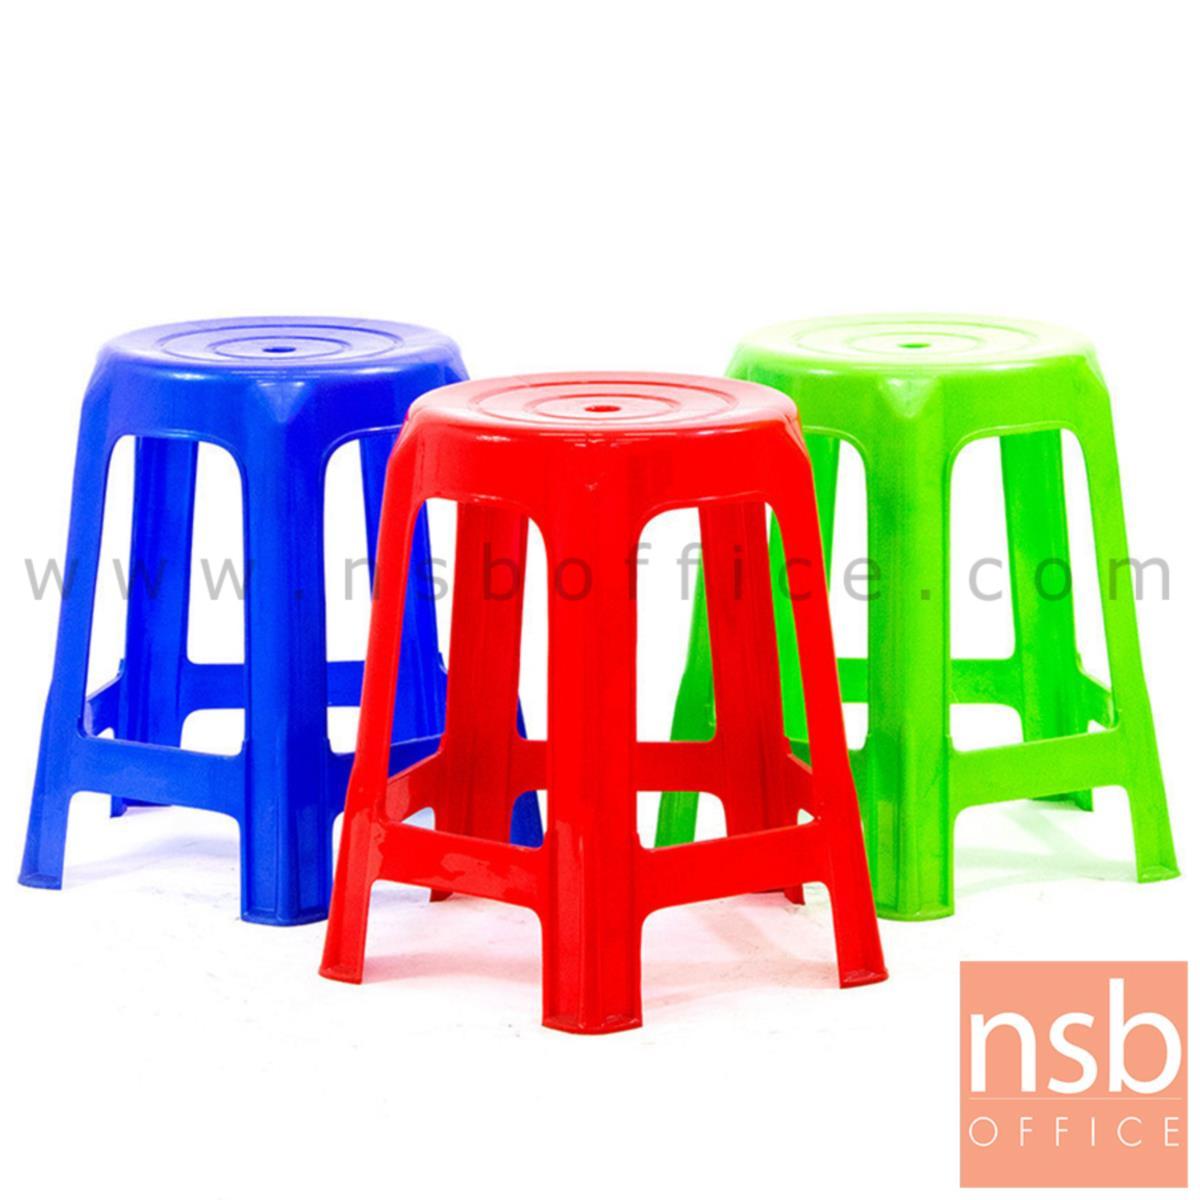 เก้าอี้พลาสติก 5 ขา หนาพิเศษ รุ่น THAILAND-04 (เกรด A)